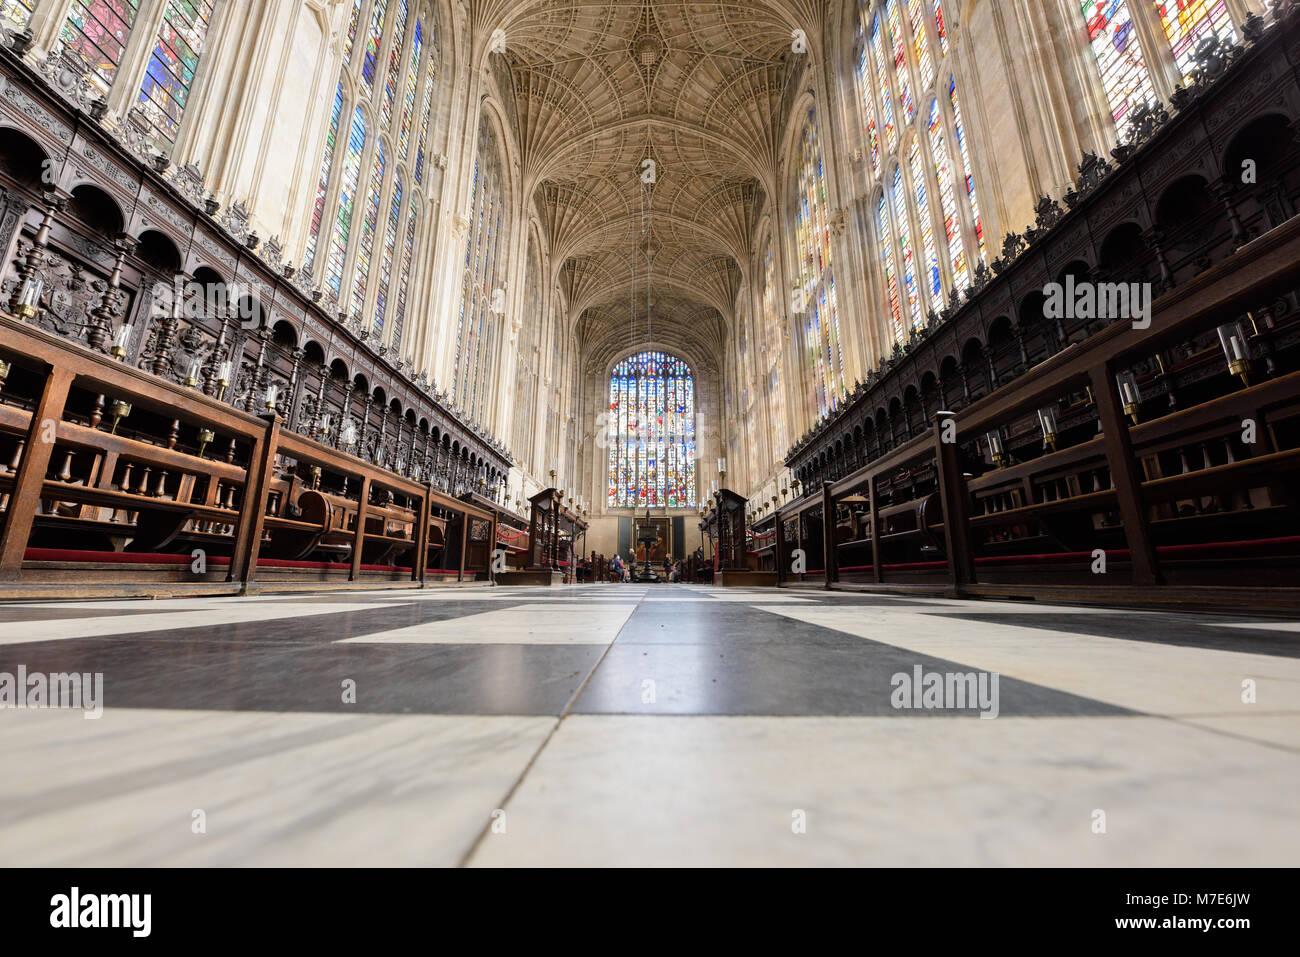 Le choeur avec son marbre, vitraux, et ventilateur de plafond dans la chapelle du King's College, Université de Cambridge, en Angleterre. Banque D'Images